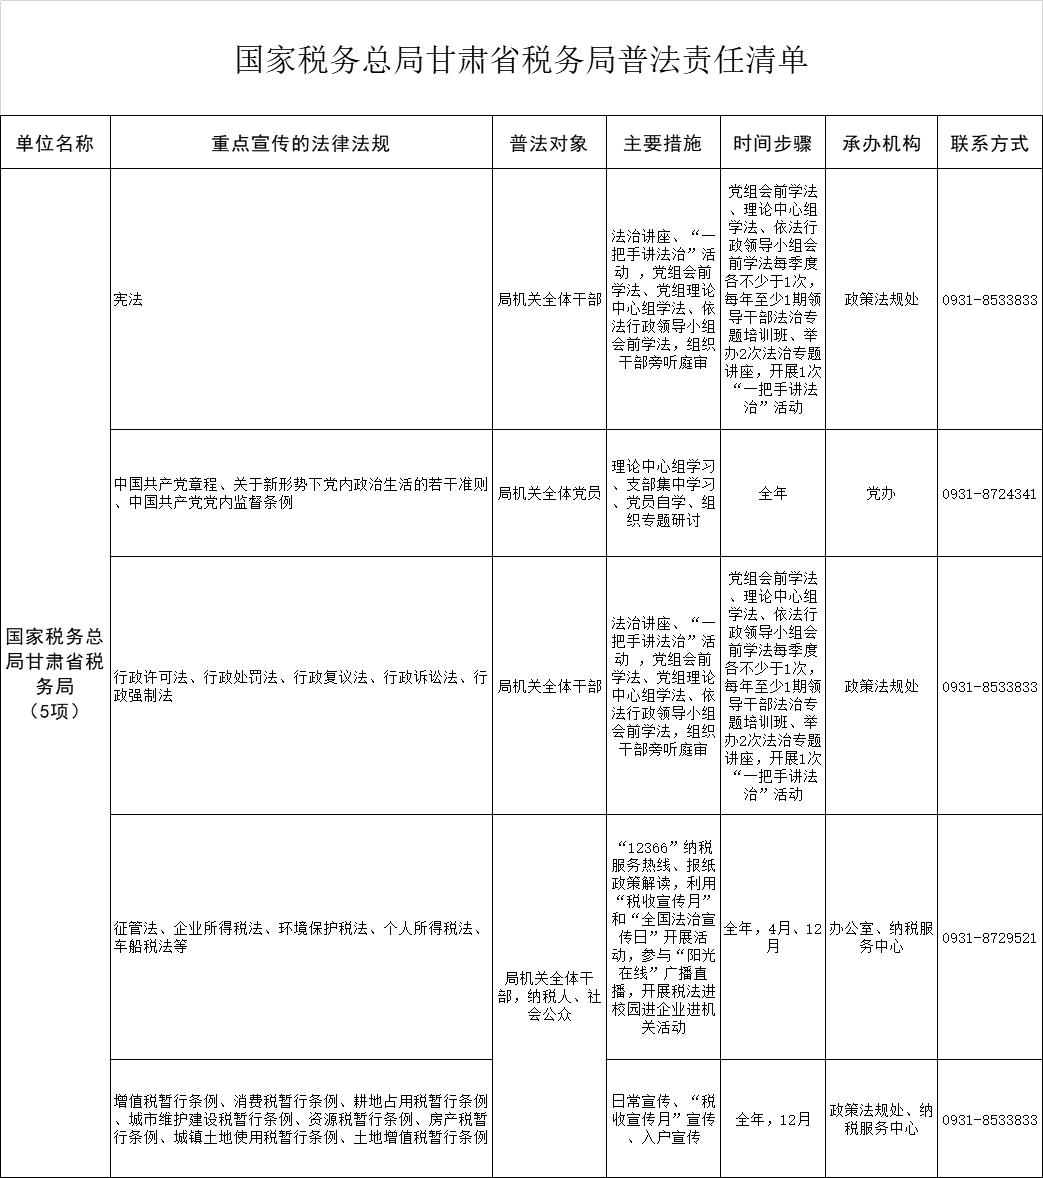 国家税务总局甘肃省税务局普法责任清单